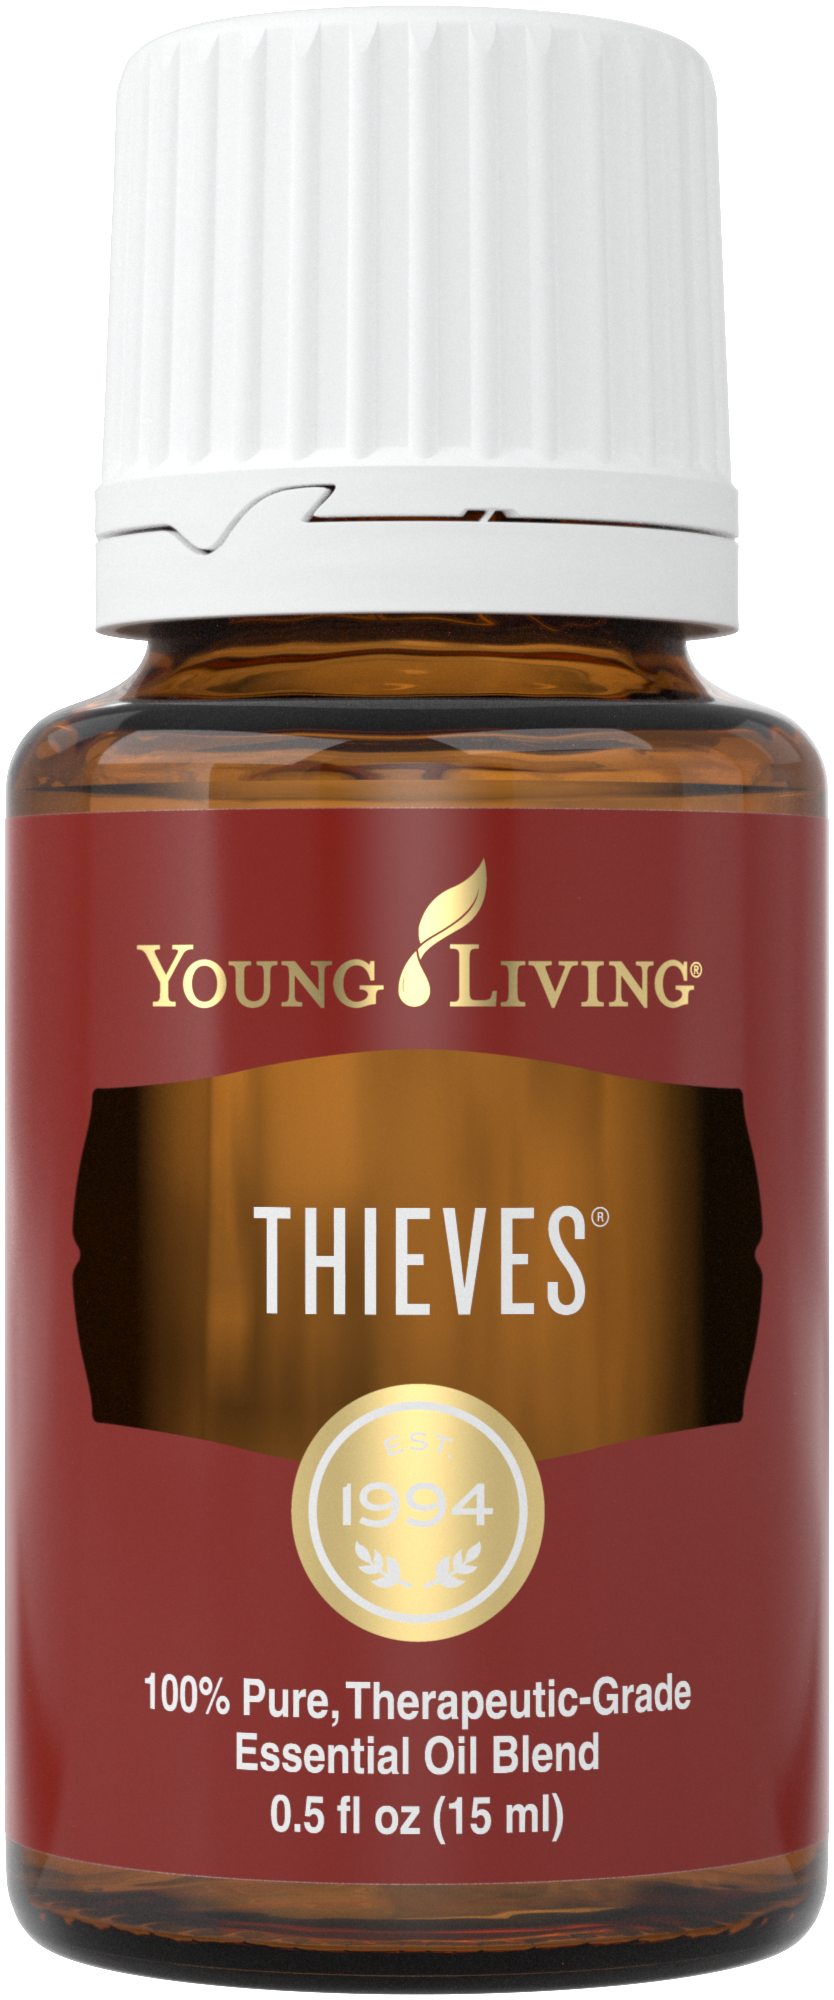 Pencuri menggunakan campuran minyak esensial | Young Living